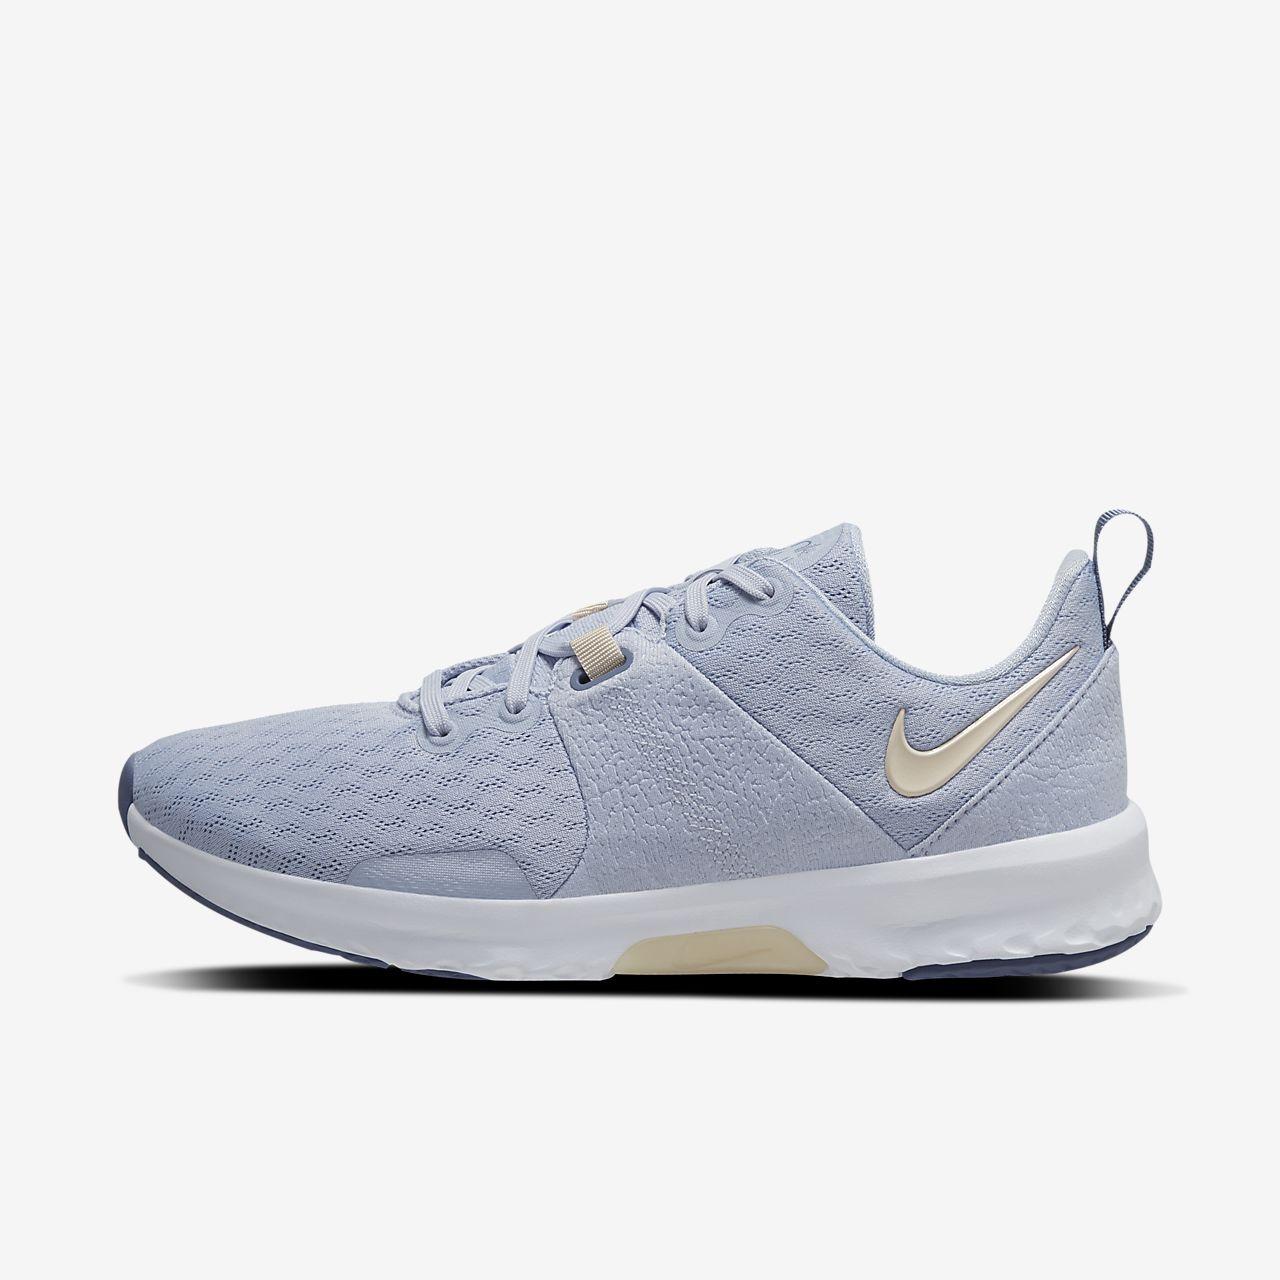 Nike City Trainer 3 Women's Training